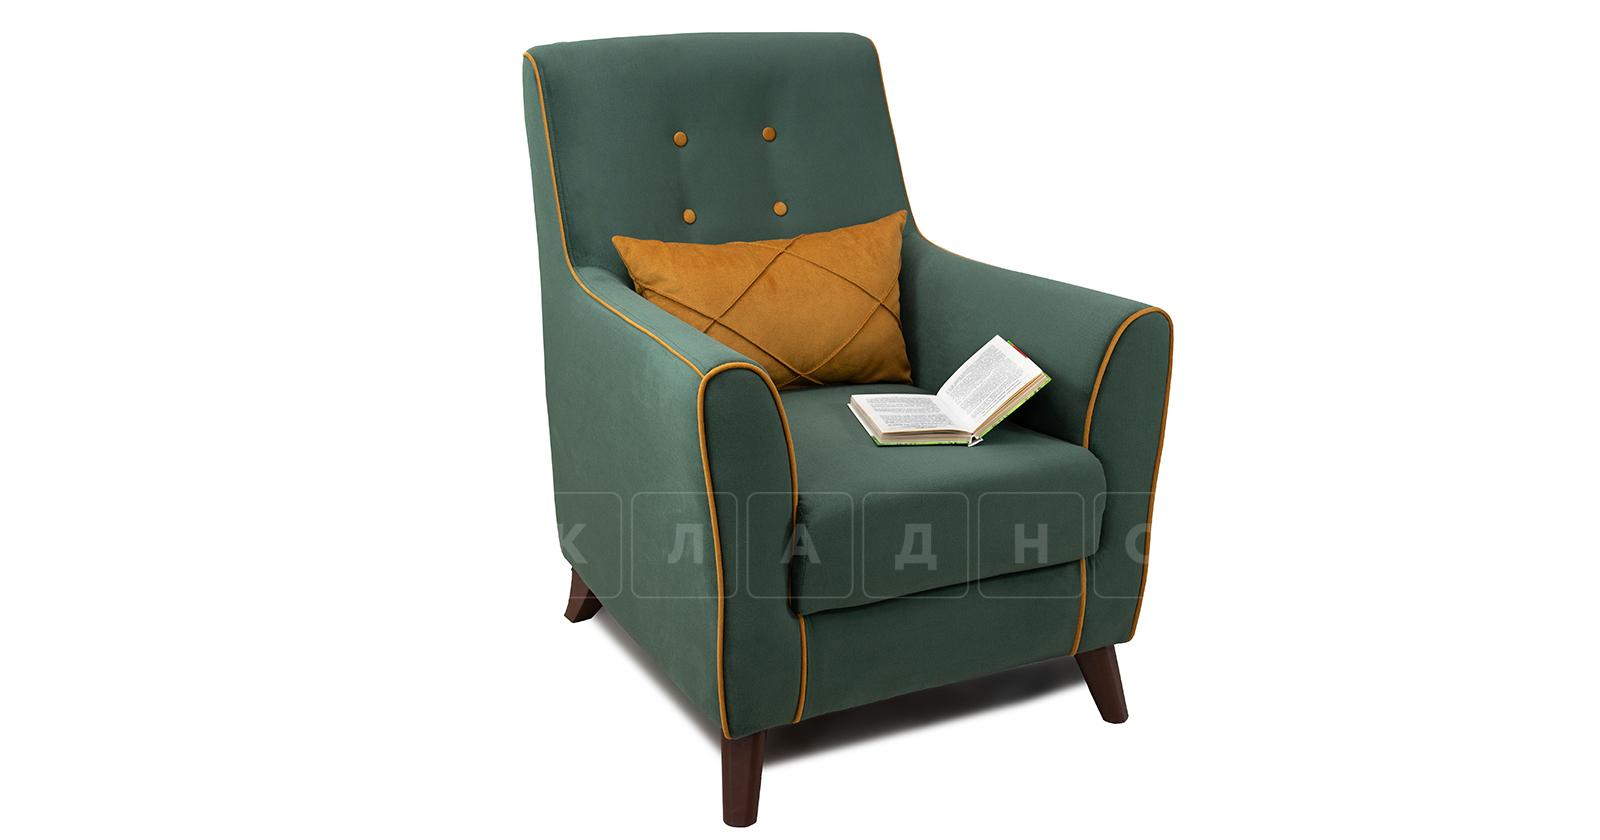 Кресло для отдыха Флэтфорд нефритовый зеленый фото 5 | интернет-магазин Складно